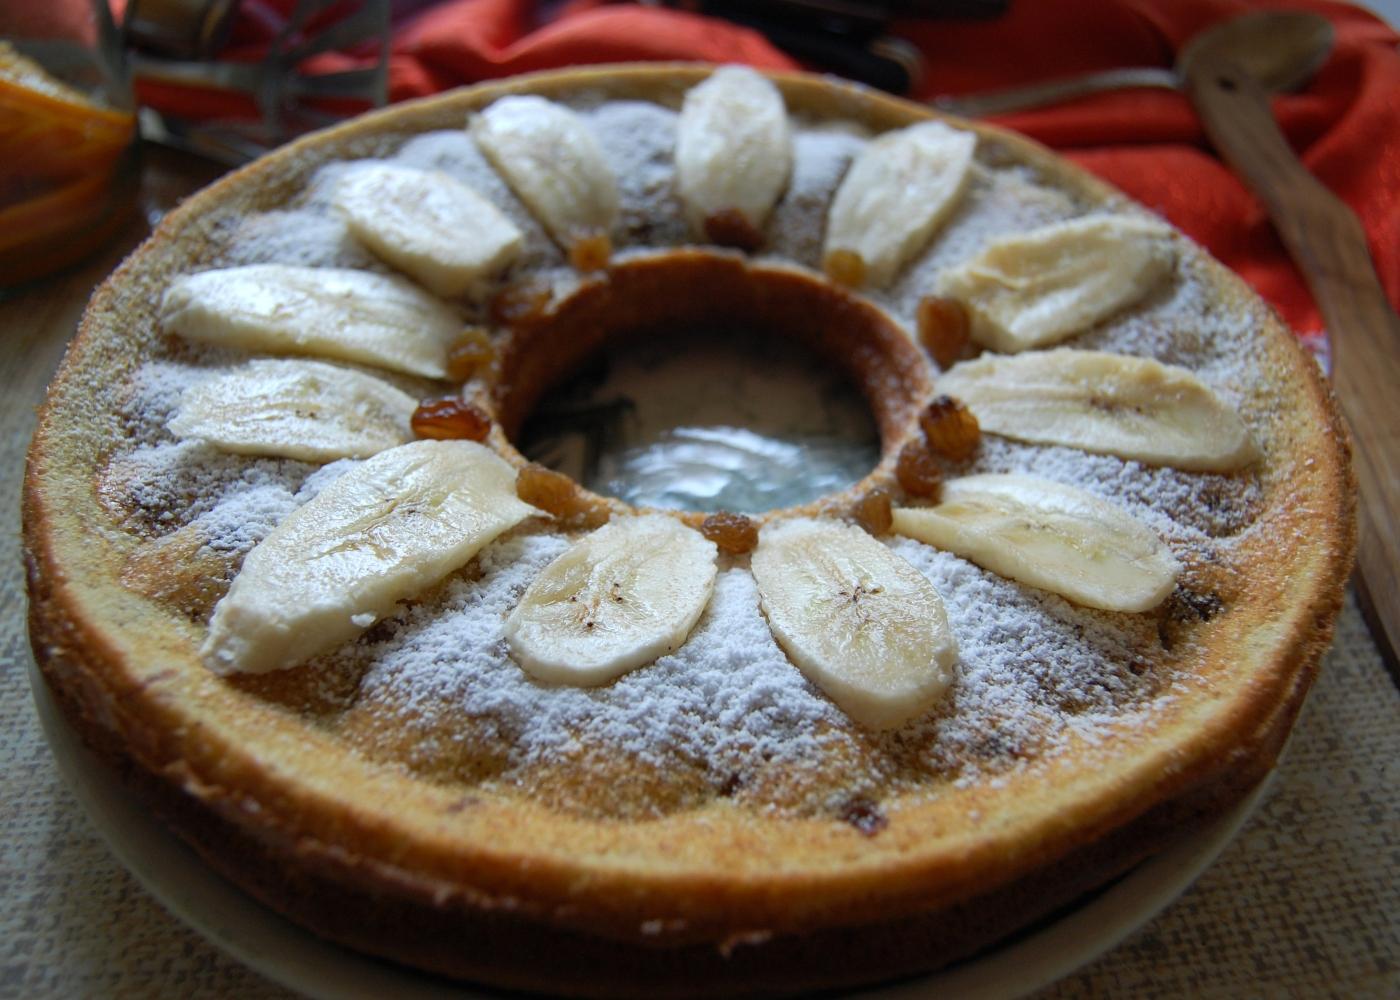 receita de bolo de banana e uvas passas